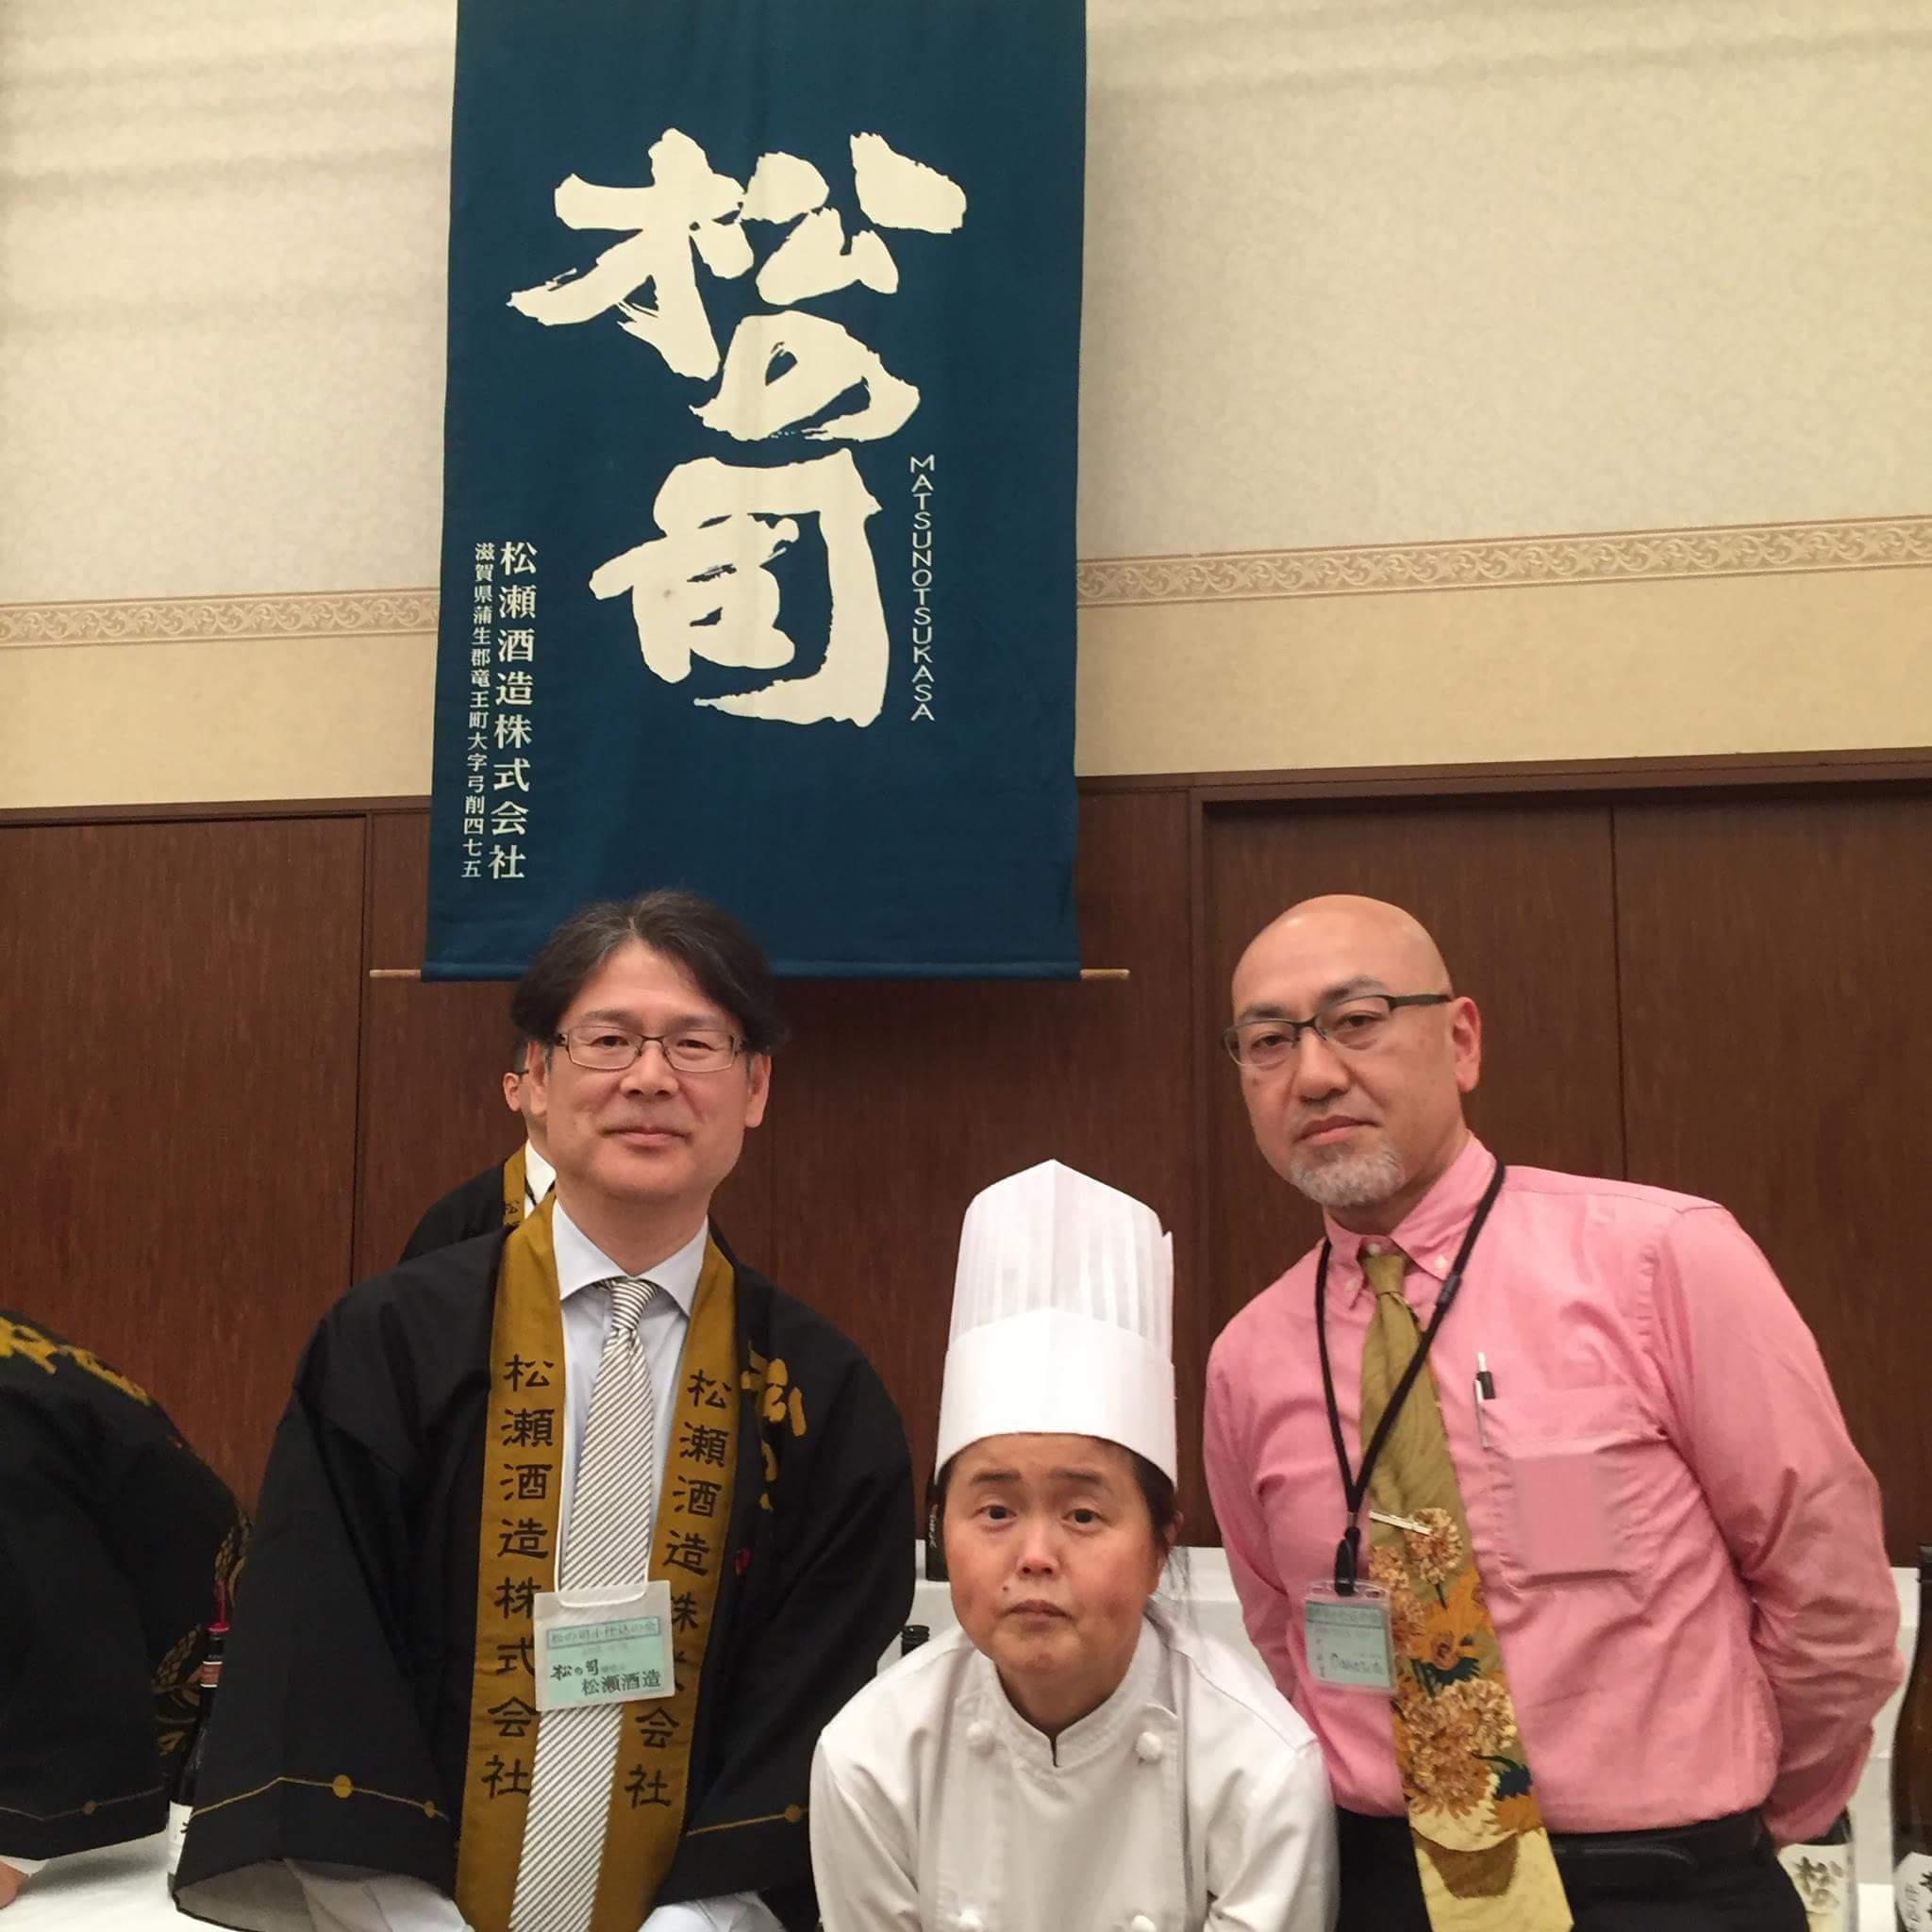 「第32回松の司きき酒会in長浜」御礼_f0342355_16580984.jpeg